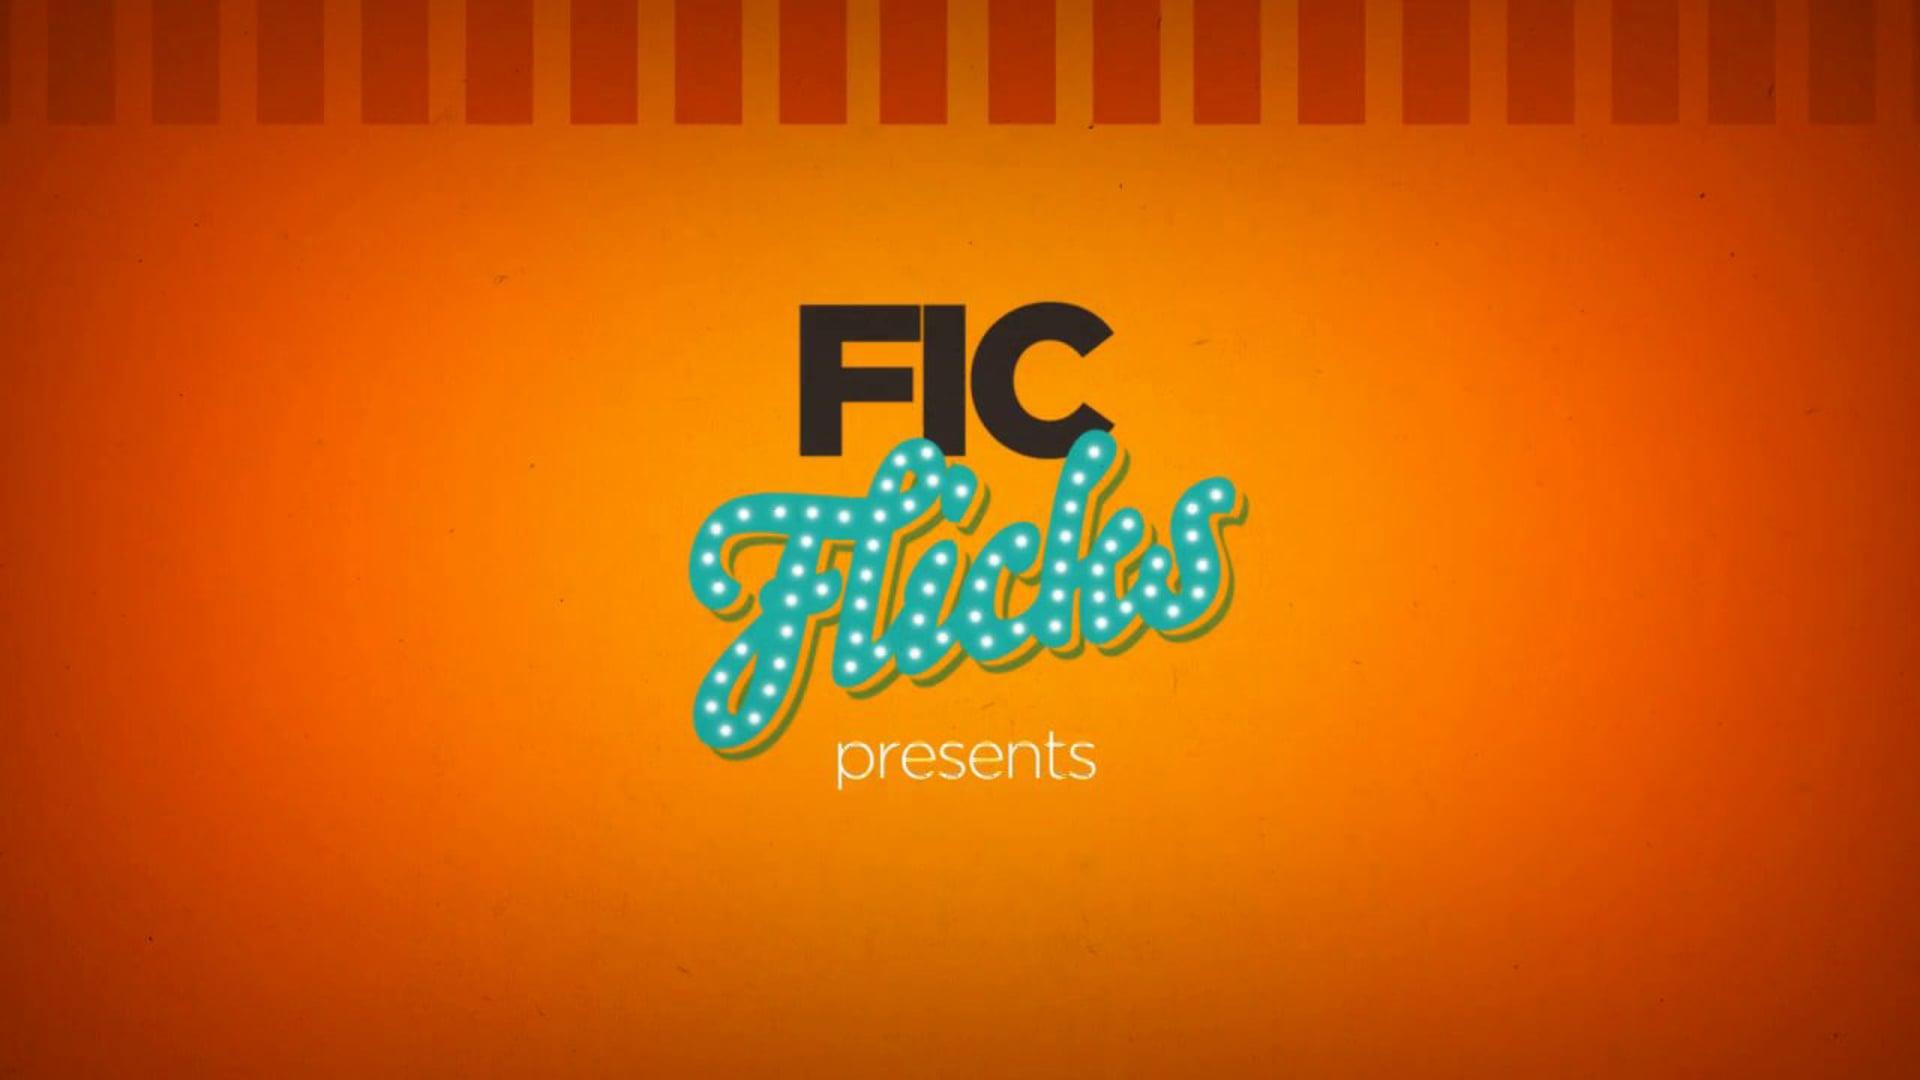 FIC FLICKS